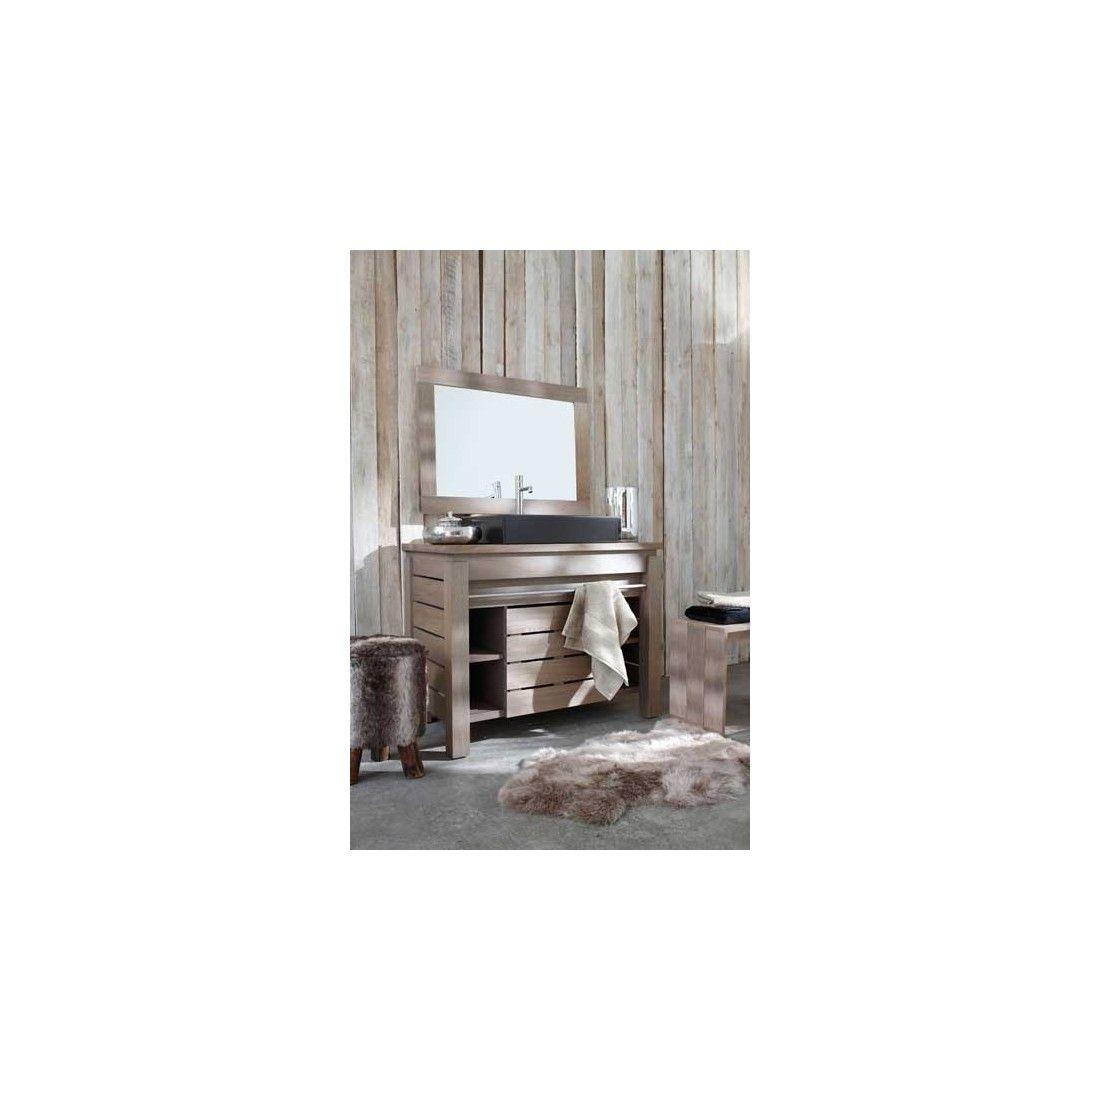 """Meuble vasque en chêne massif avec une porte, gamme Origin de Line Art, finition """"Silver Grey"""""""